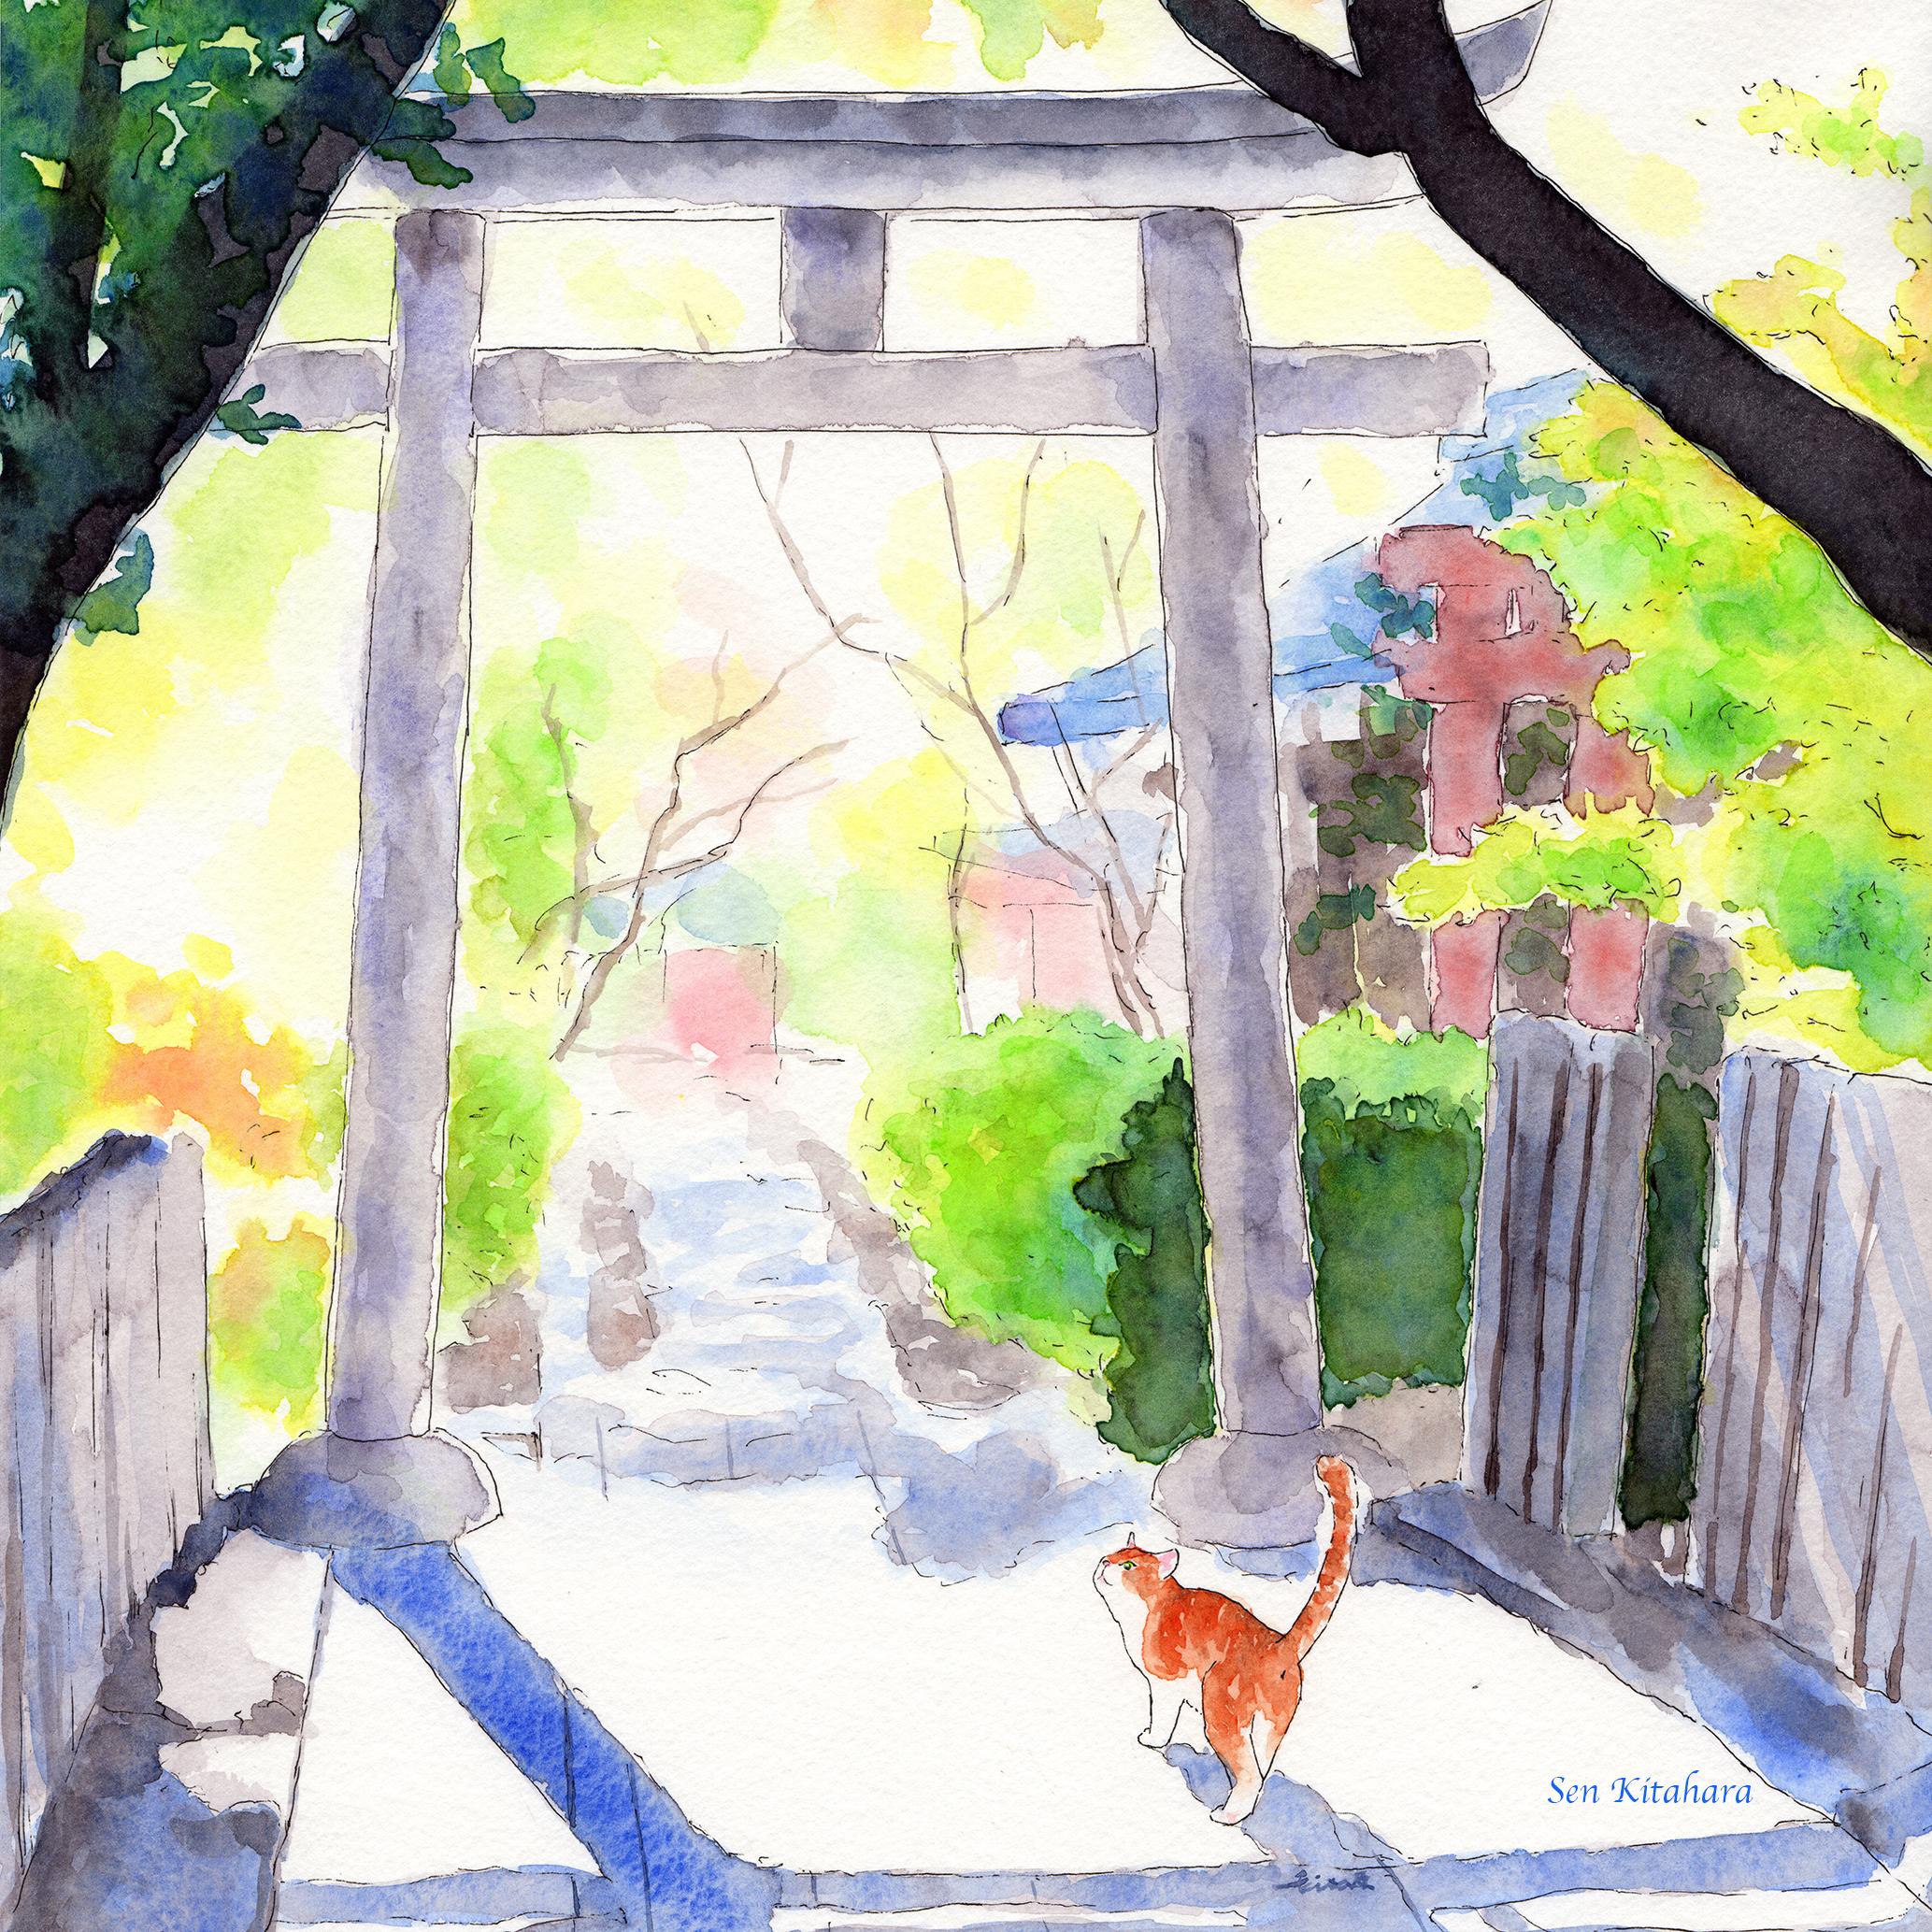 絵画 インテリア アートパネル 雑貨 壁掛け 置物 おしゃれ 水彩画 創作 猫 ネコ ねこ 動物 ロココロ 画家 : 北原 千 作品 : ええ日やな